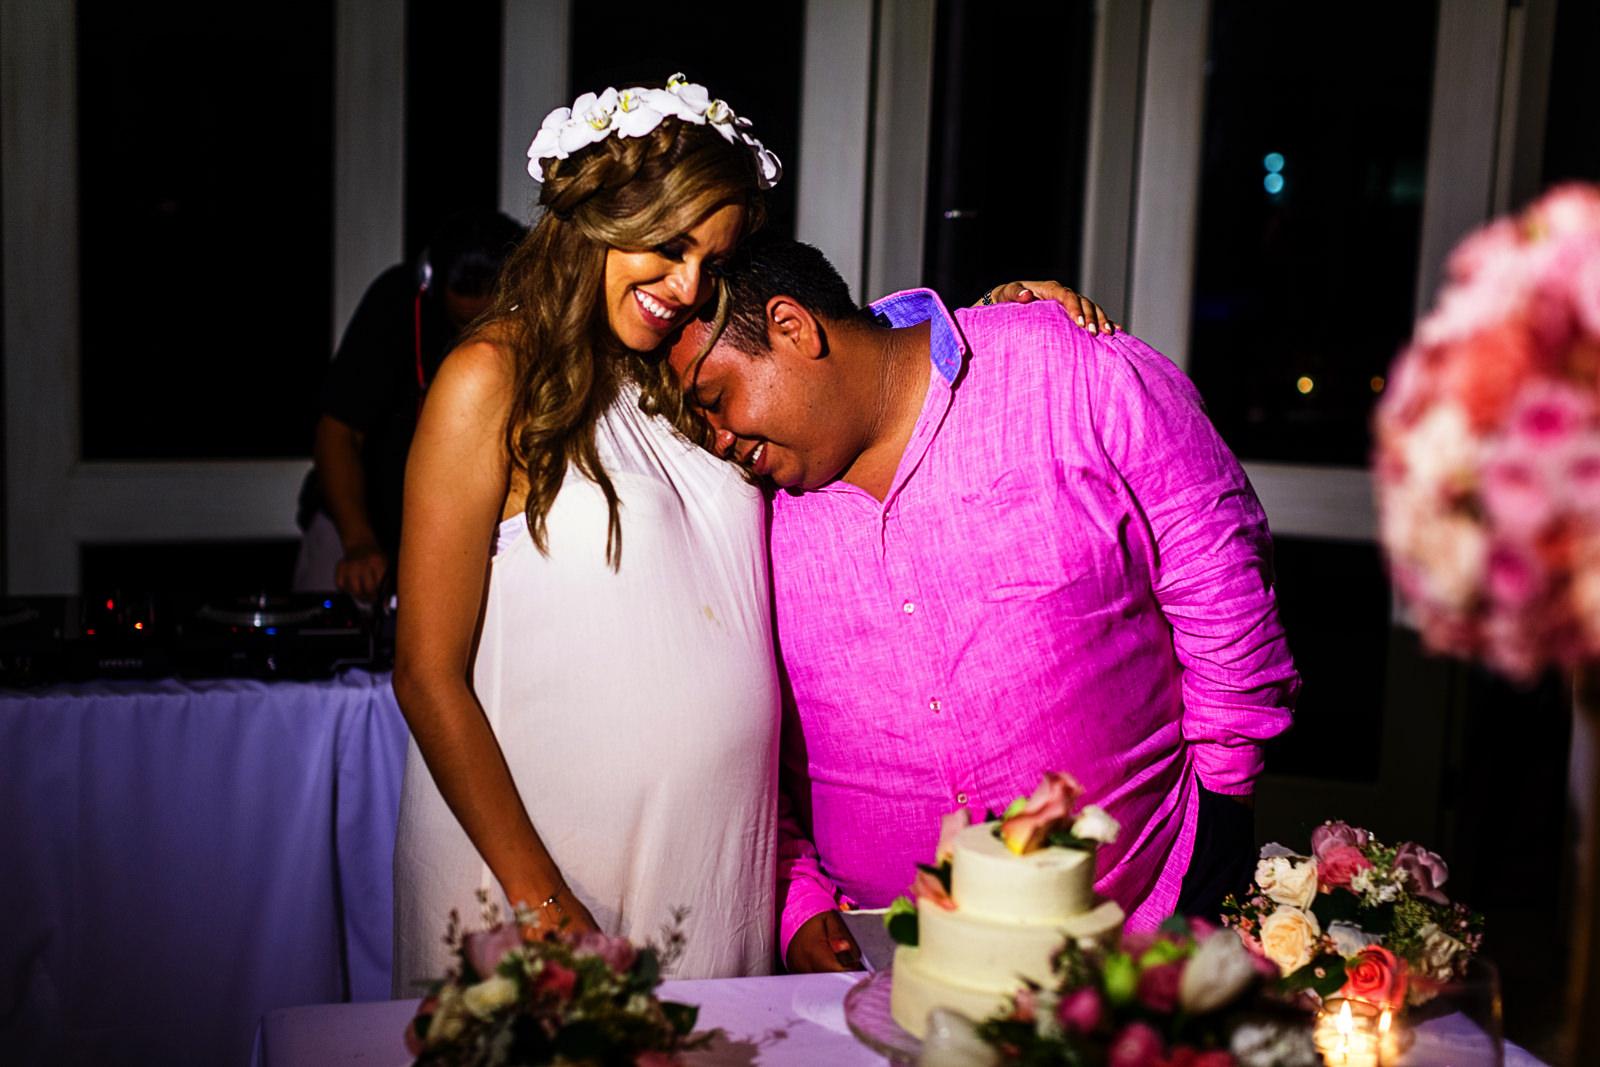 Novio se recarga en el hombro de su ahora esposa antes de cortar el pastel de bodas